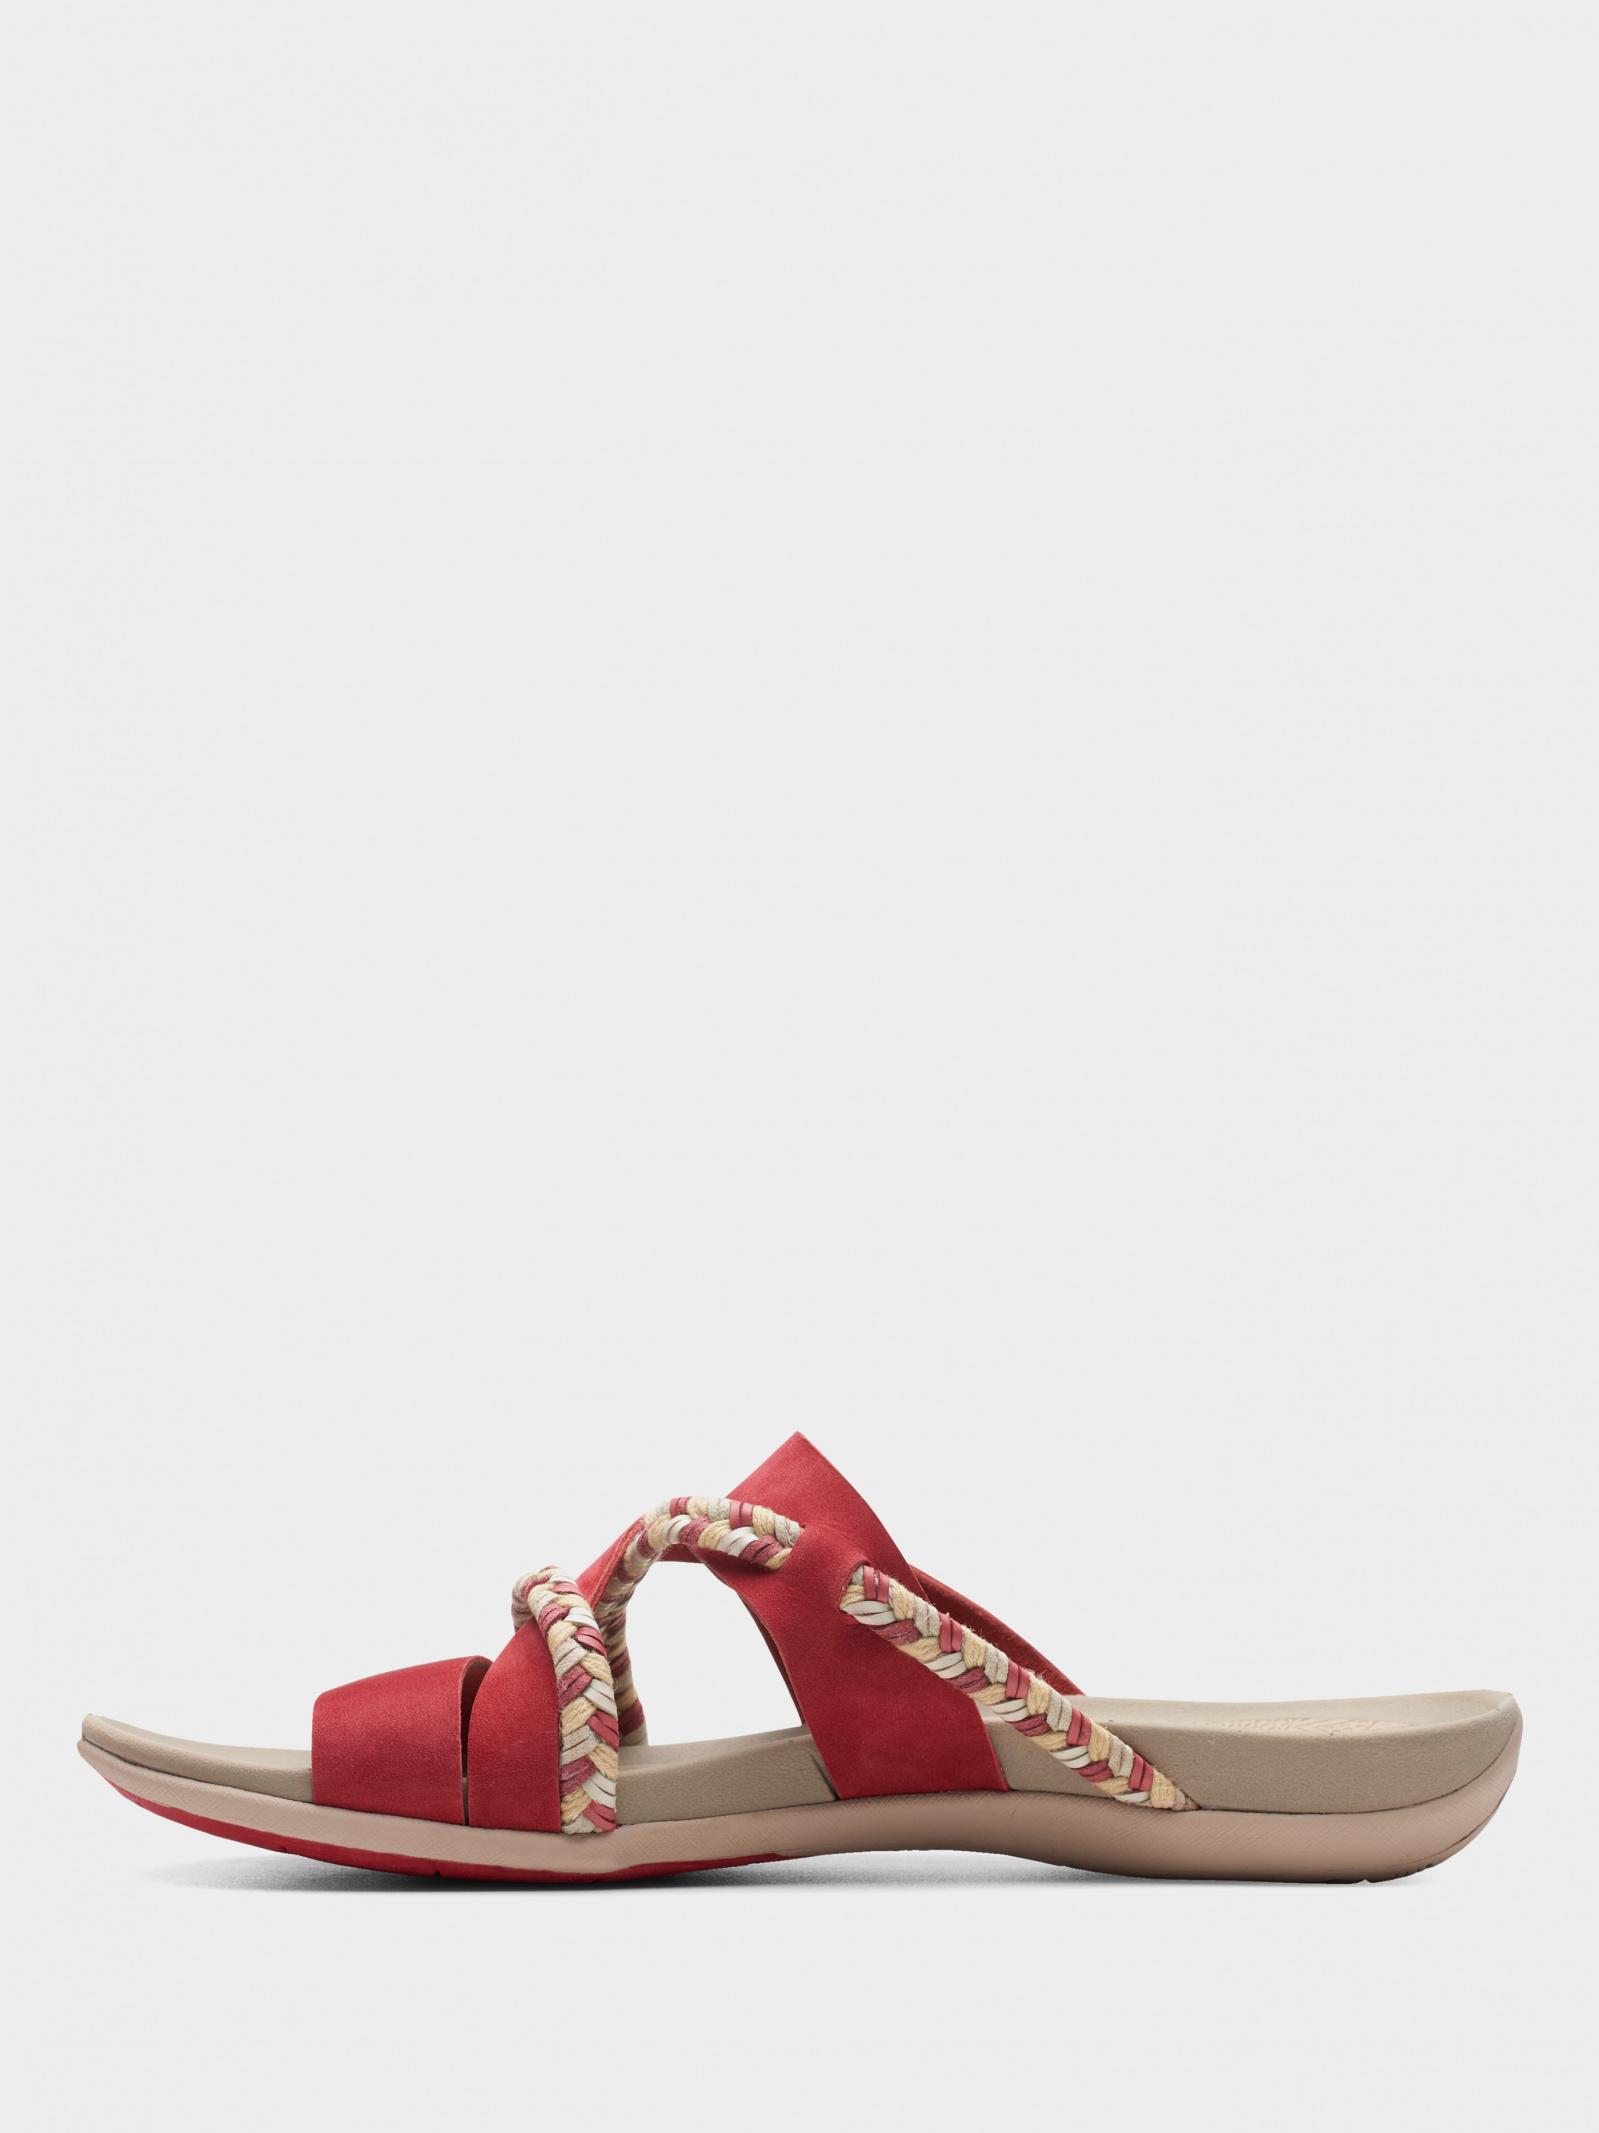 Шльопанці  для жінок Clarks 2615-0280 модне взуття, 2017